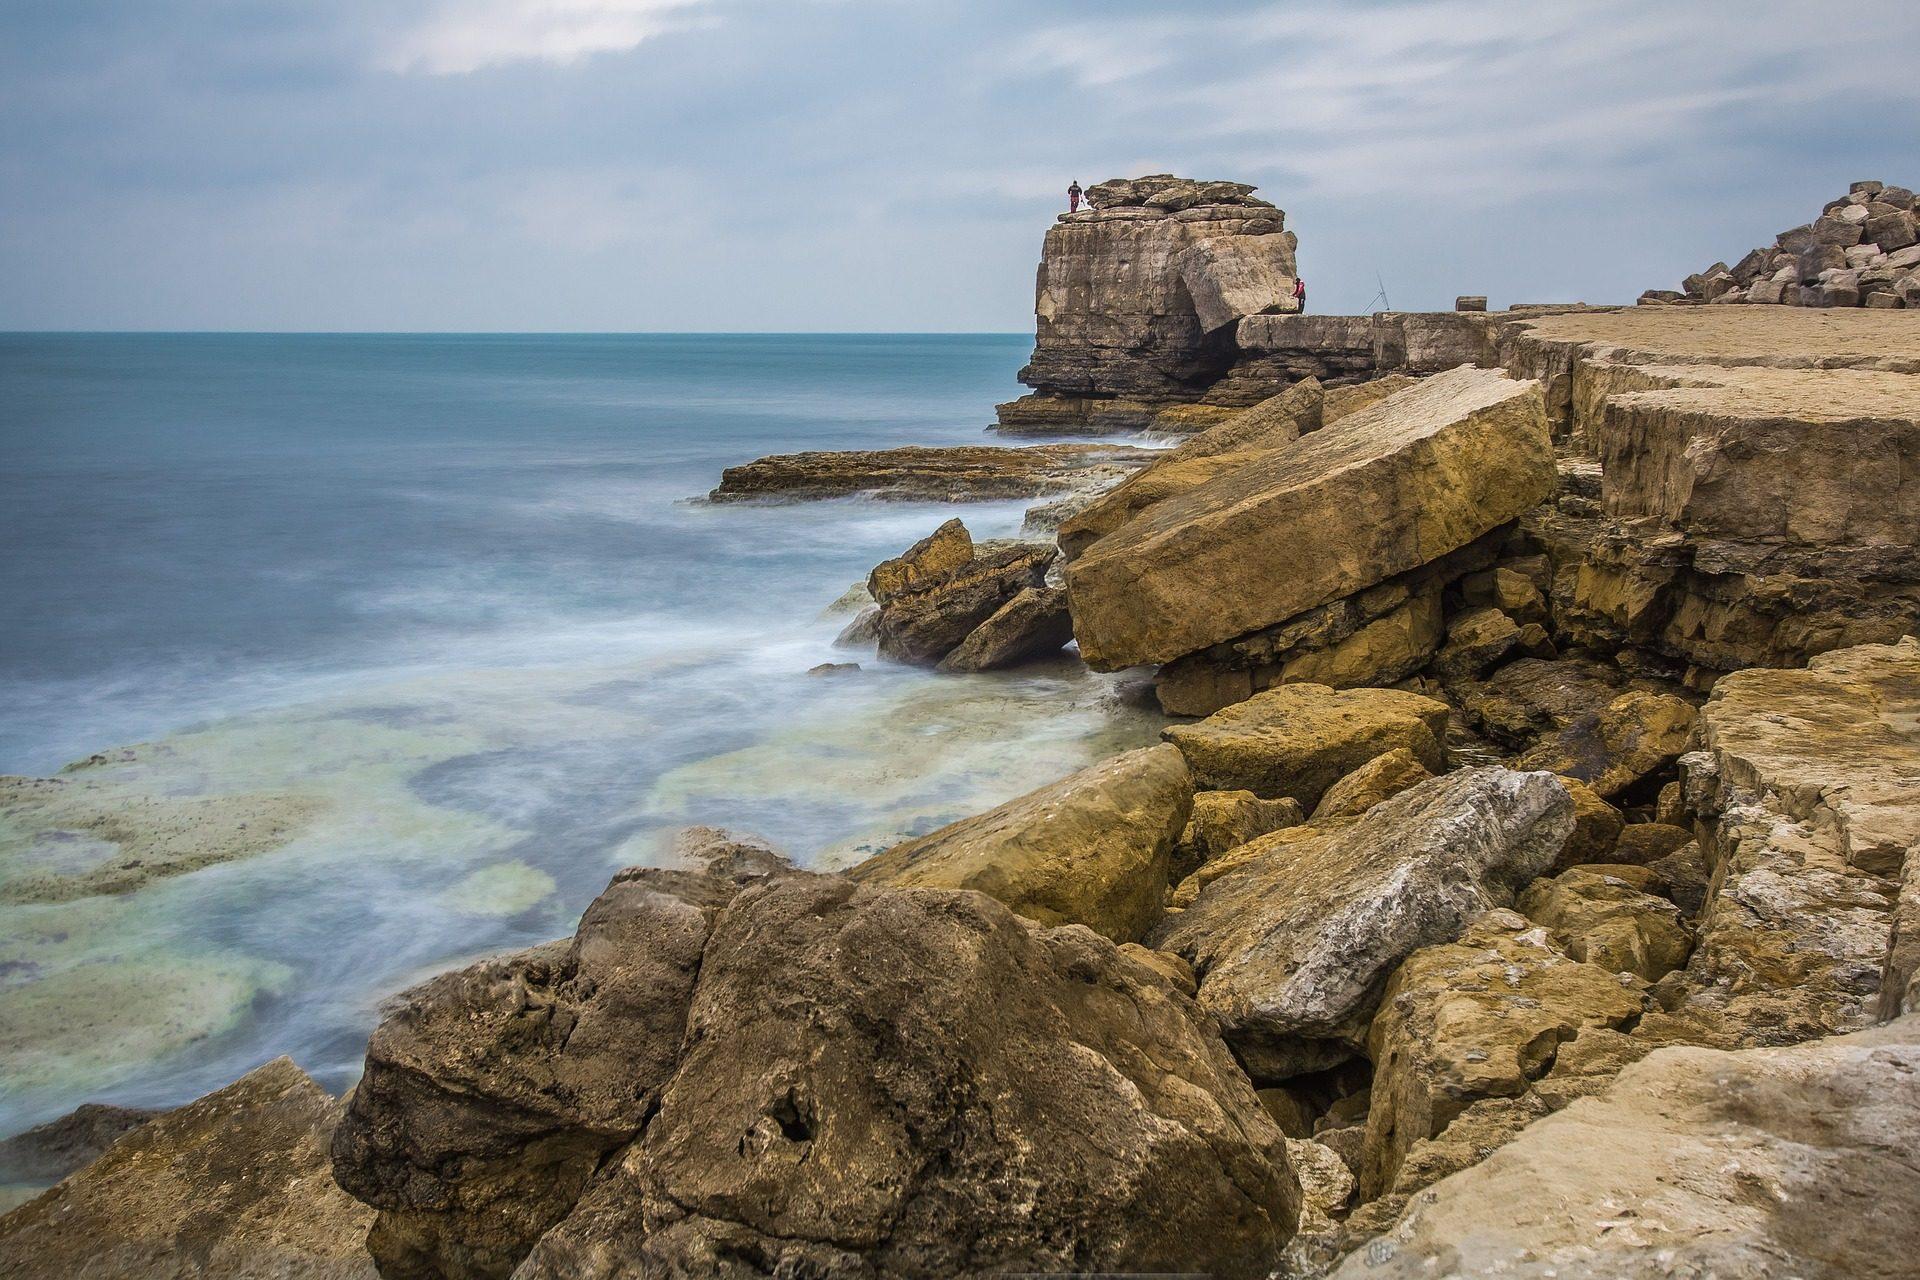 哥斯达黎加, 海, 礁, 石头, 波特兰, 英格兰 - 高清壁纸 - 教授-falken.com